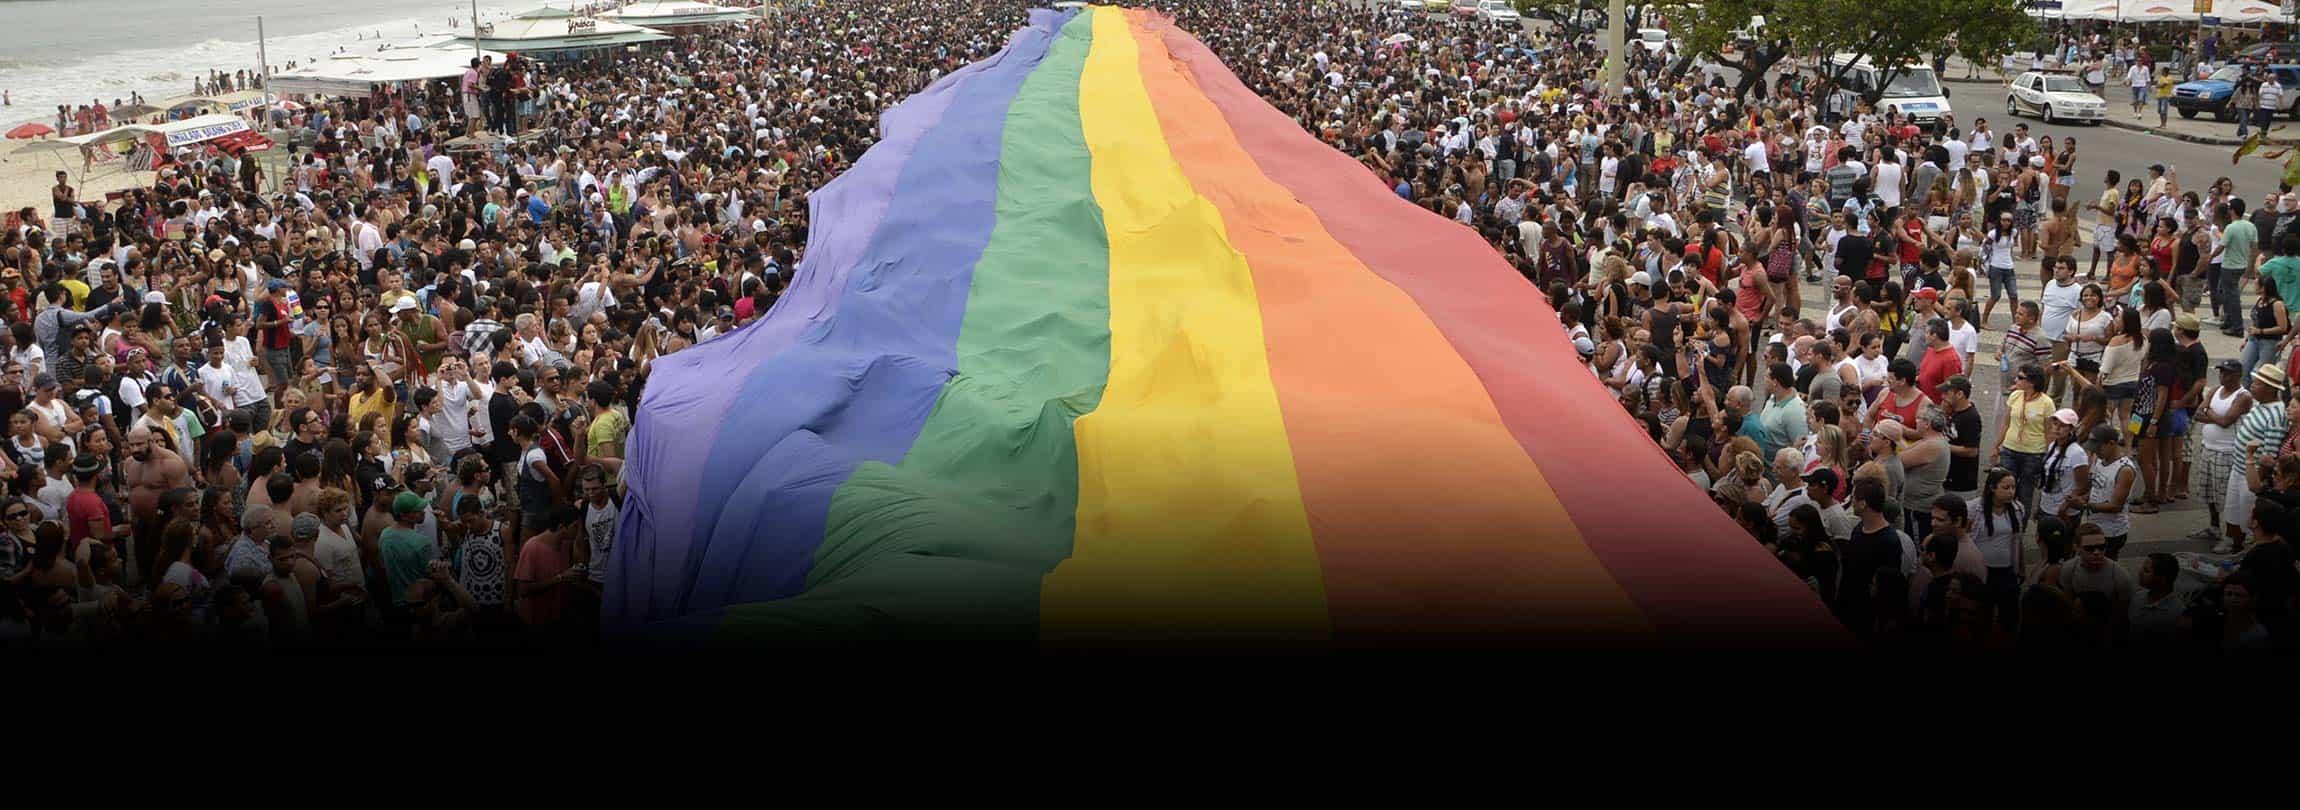 O projeto anti-cristão da agenda gay